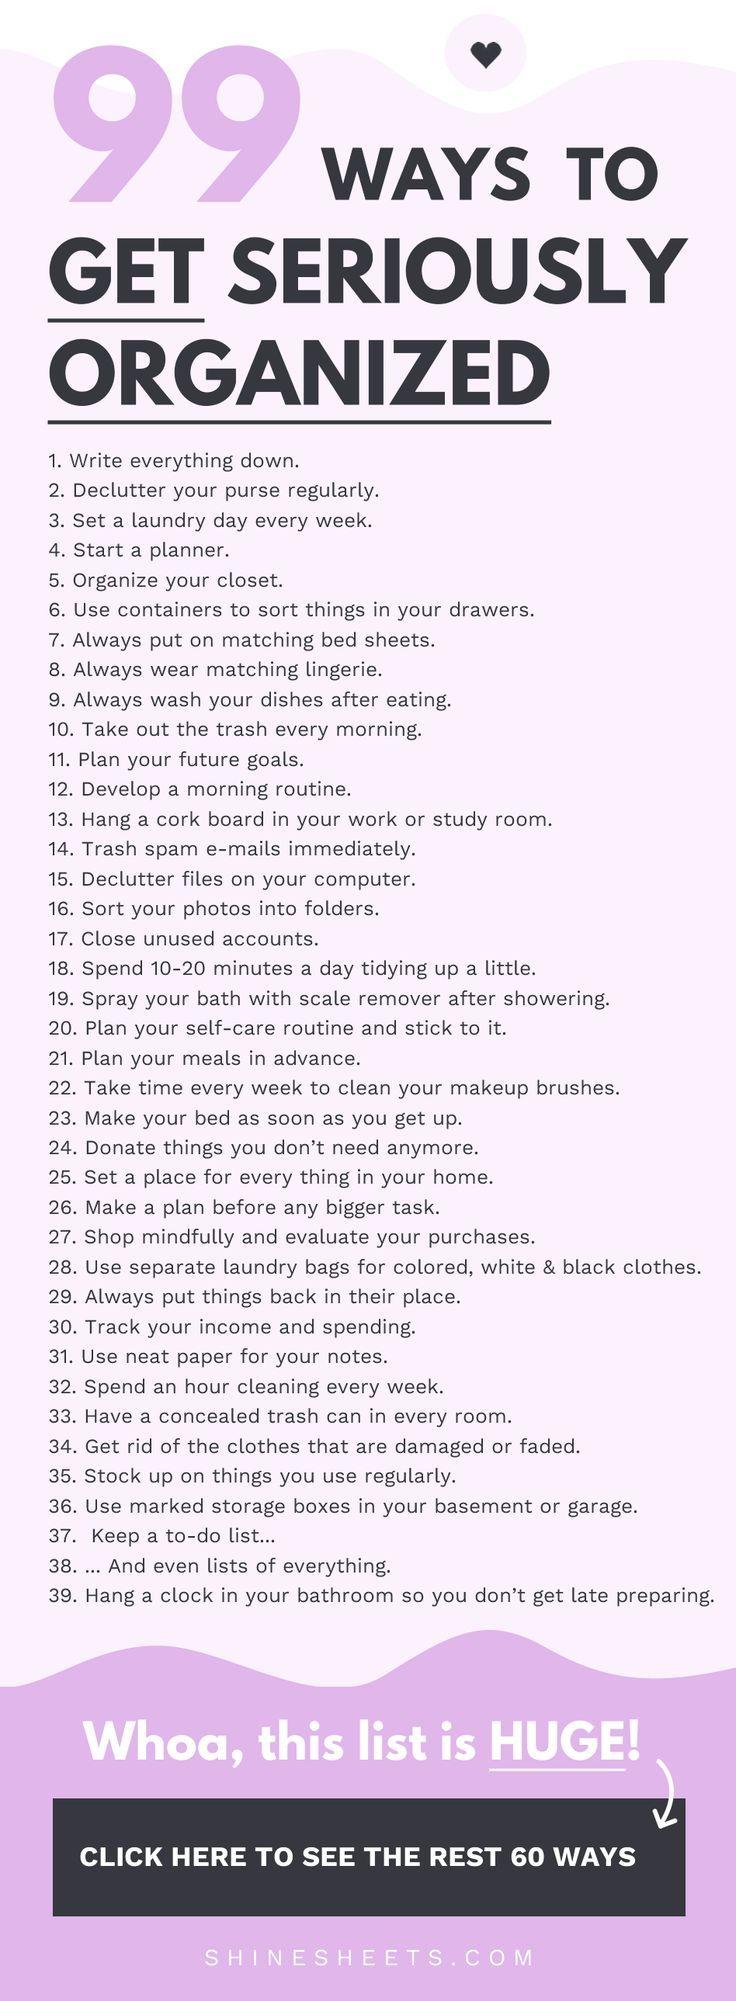 99 Wege, um ernsthaft organisiert zu werden Junge, liebe ich Listen von allem. Sie sind